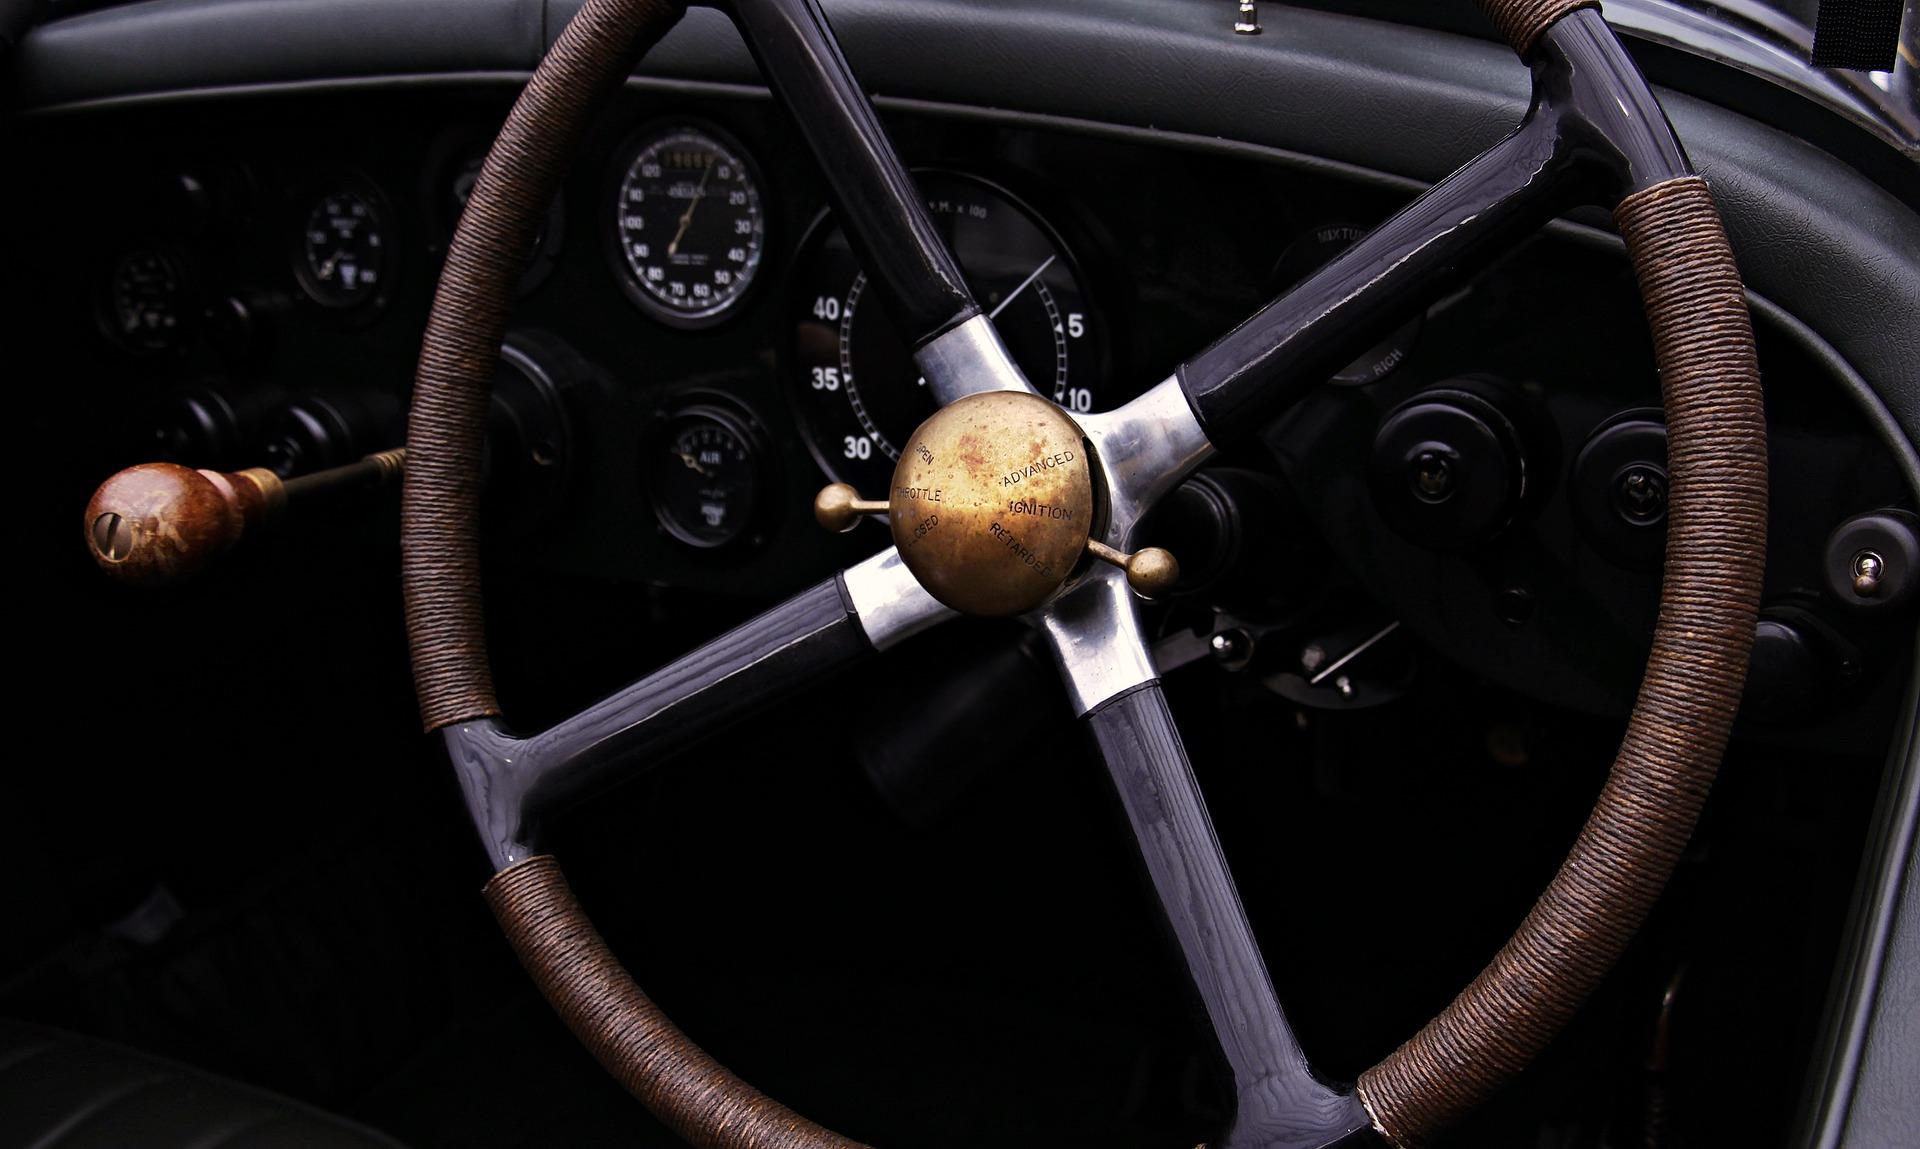 Wie lange darf man nach dem kiffen kein Auto fahren? Hier ist die Antwort